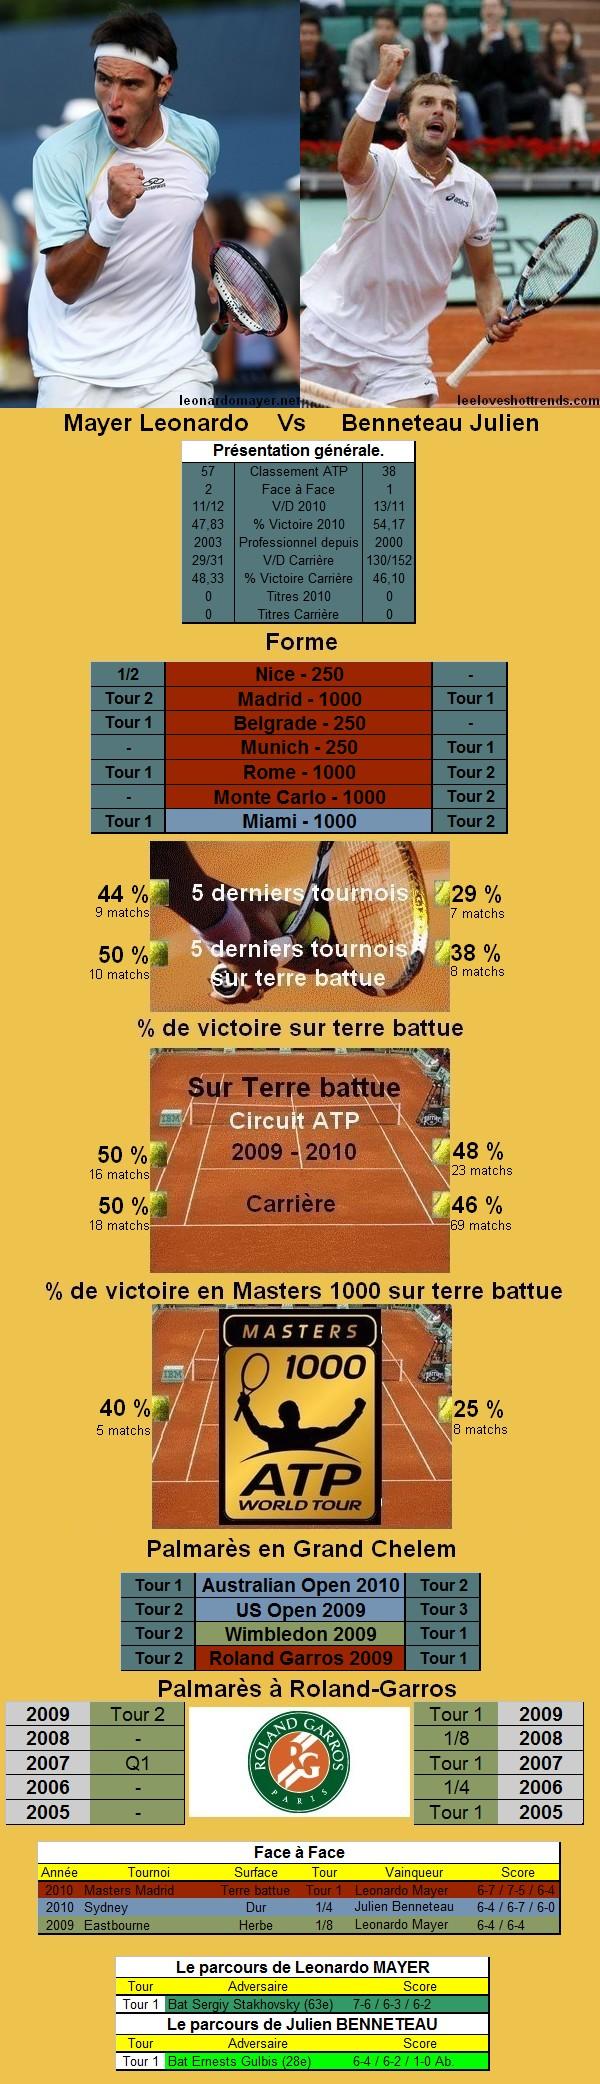 Statistiques tennis de Mayer contre Benneteau à Roland Garros